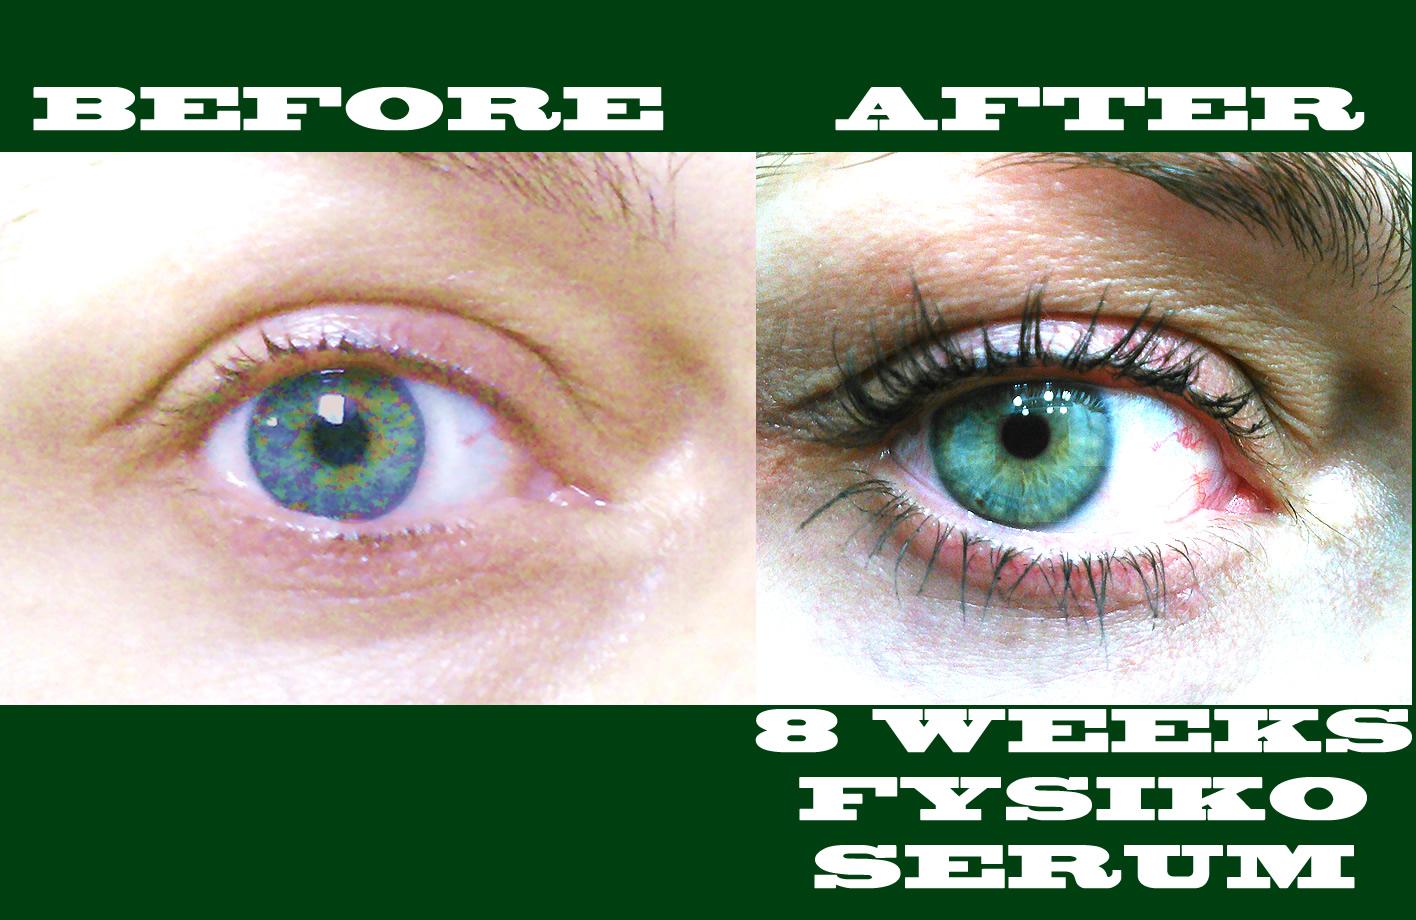 dfysiko eyelash serum results